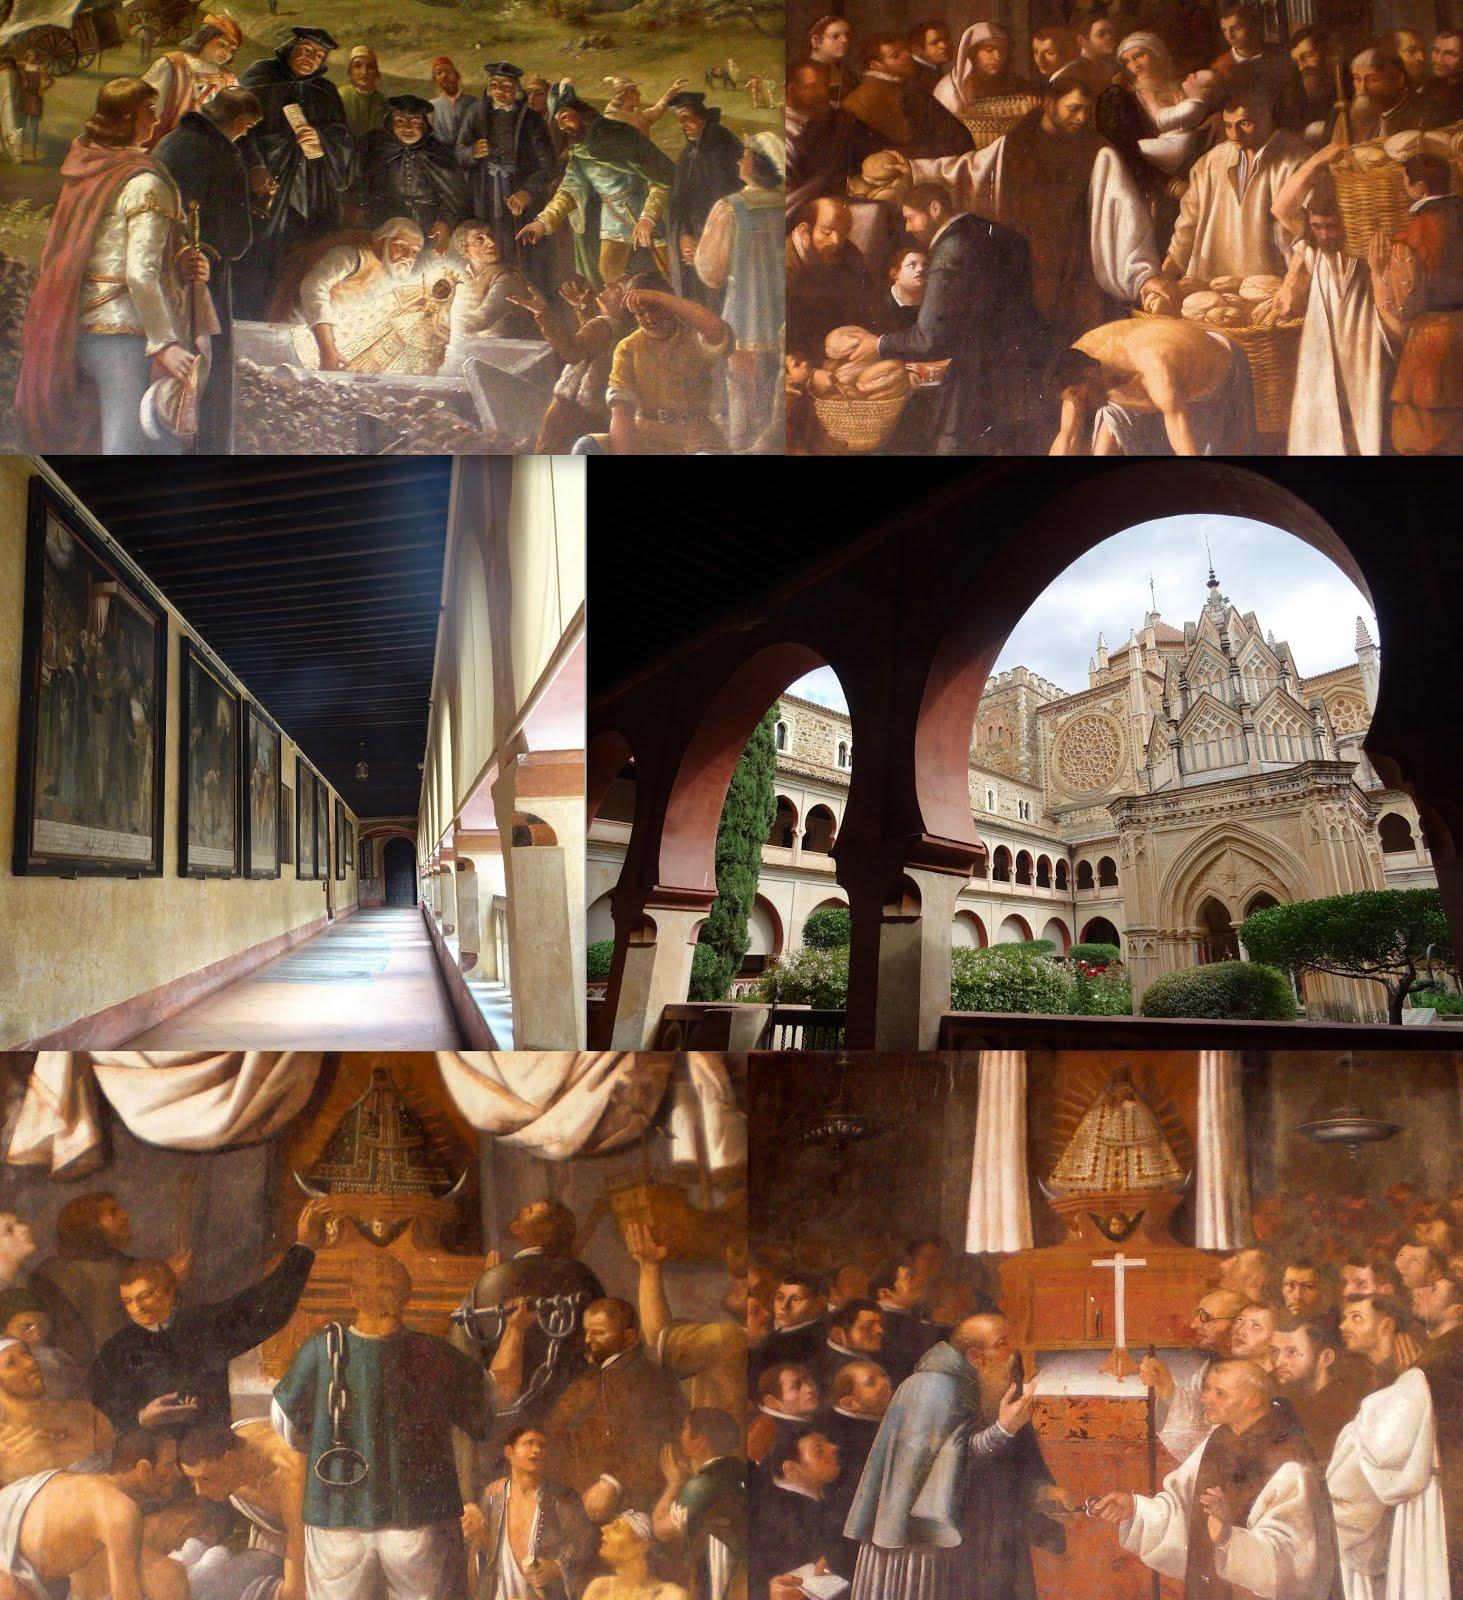 Lienzos de los milagros del claustro mudéjar del Real Monasterio de Guadalupe